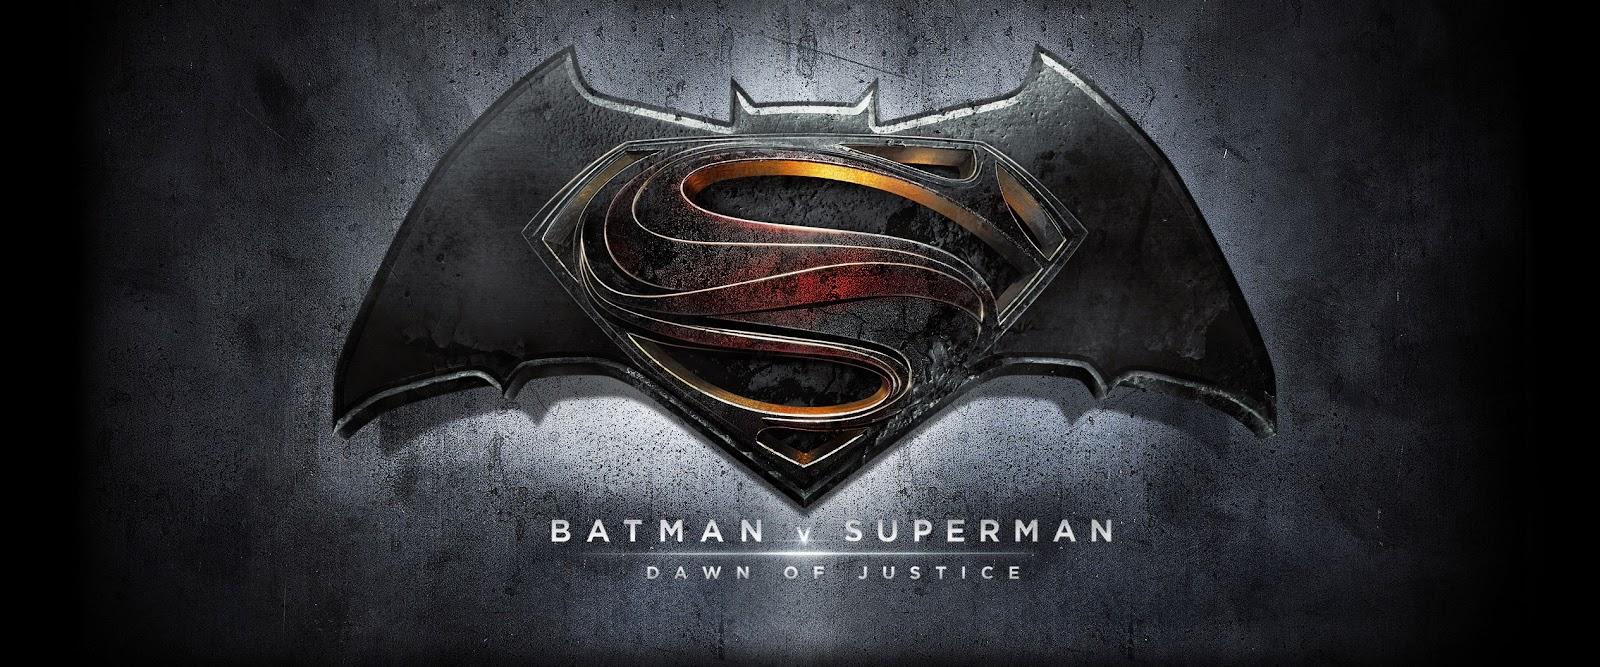 Zack Snyder Reveals Two Teaser Posters For Batman V Superman